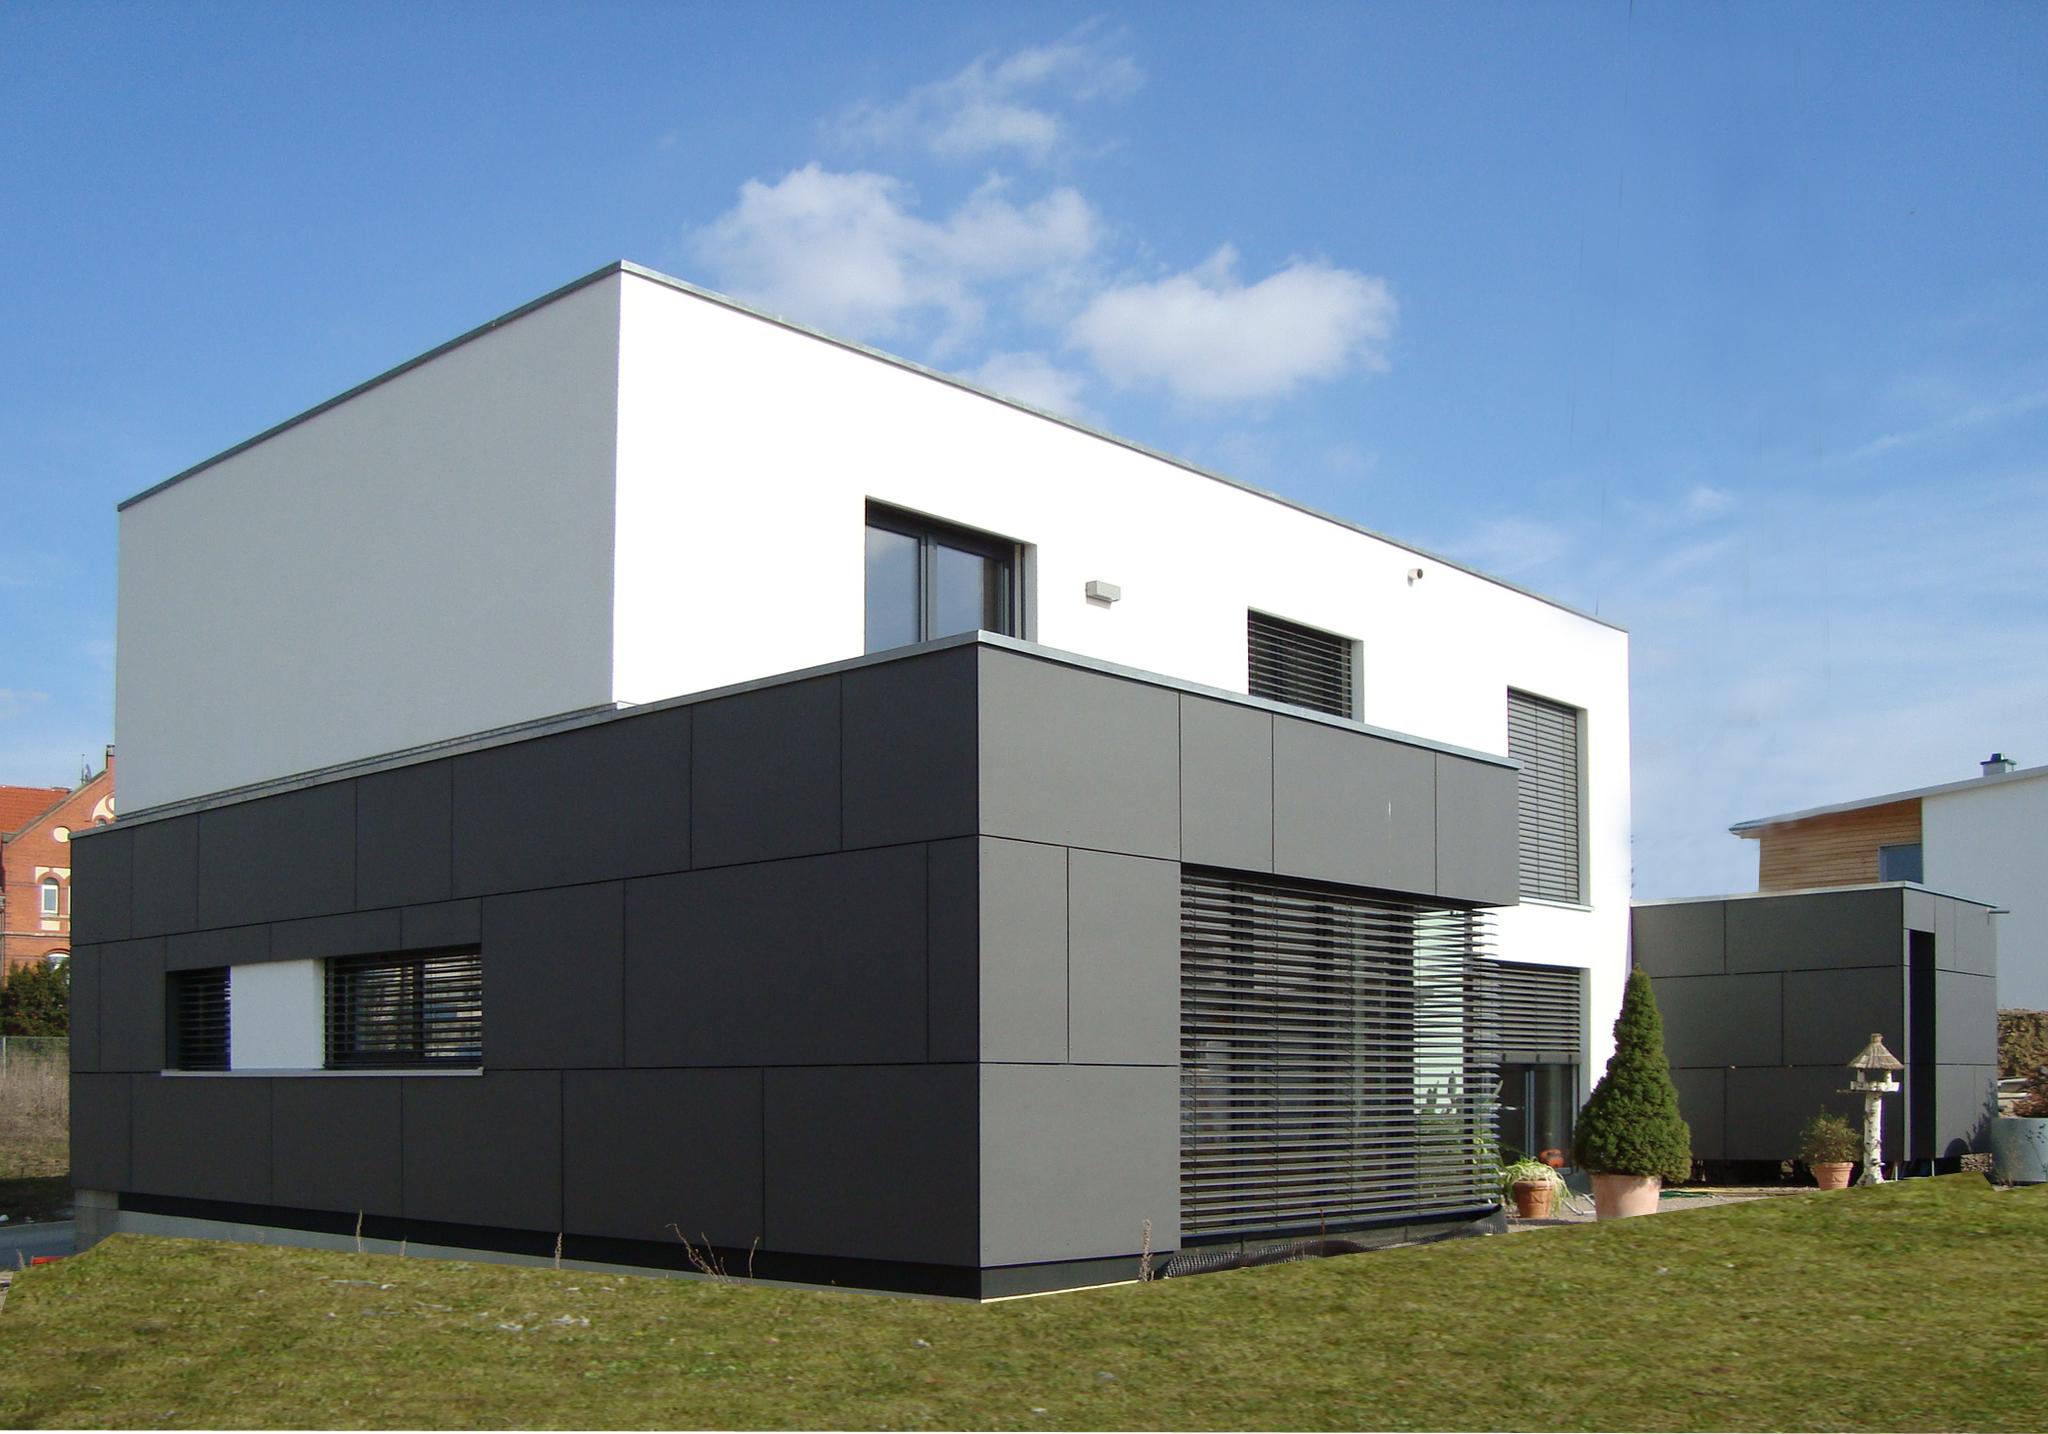 wohnhaus bs erfurt architekturf hrer th ringen. Black Bedroom Furniture Sets. Home Design Ideas